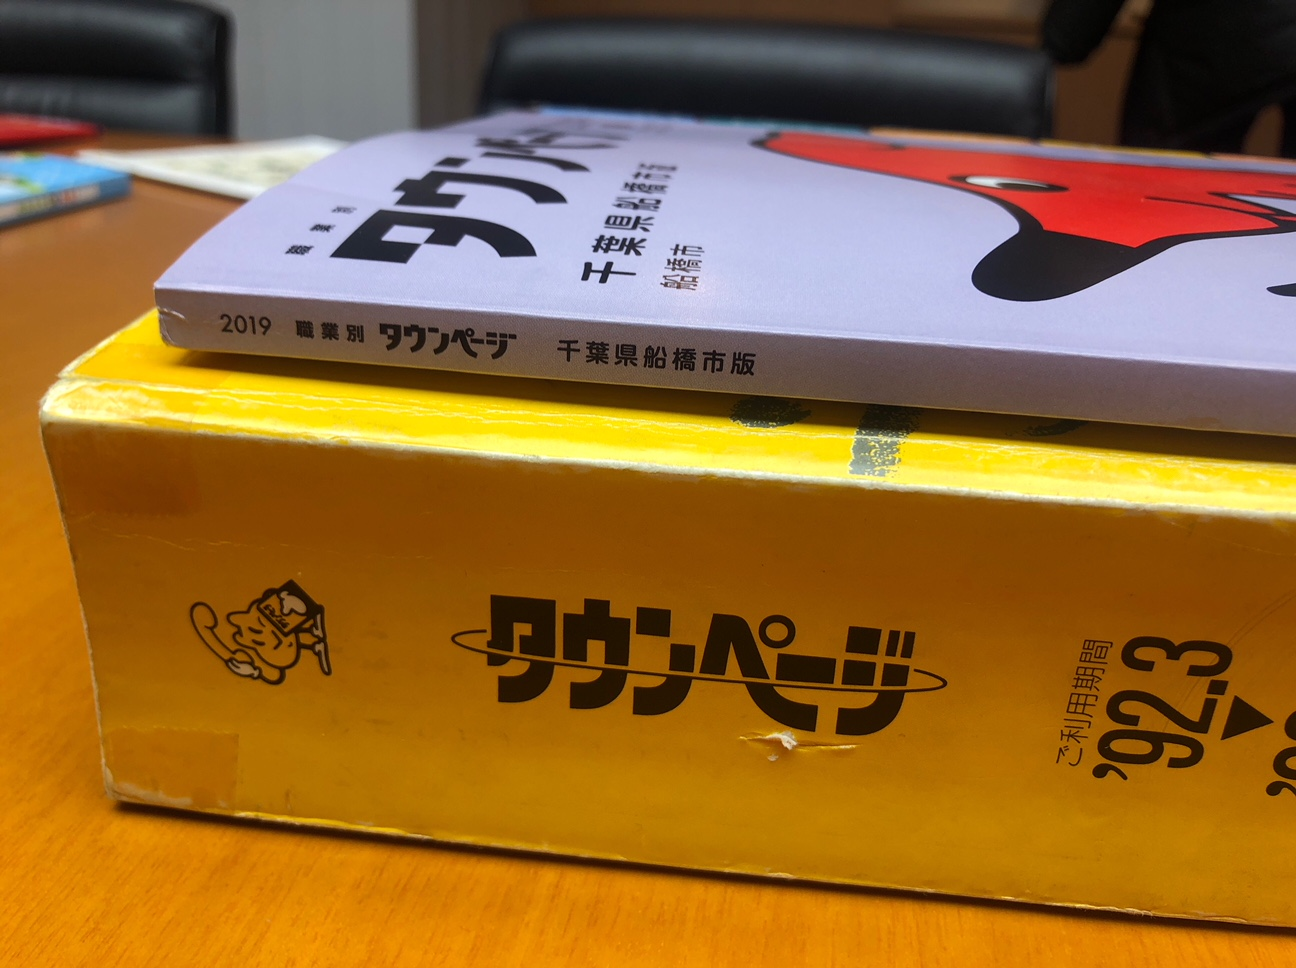 タウンページ 商品・サービス NTTタウンページ